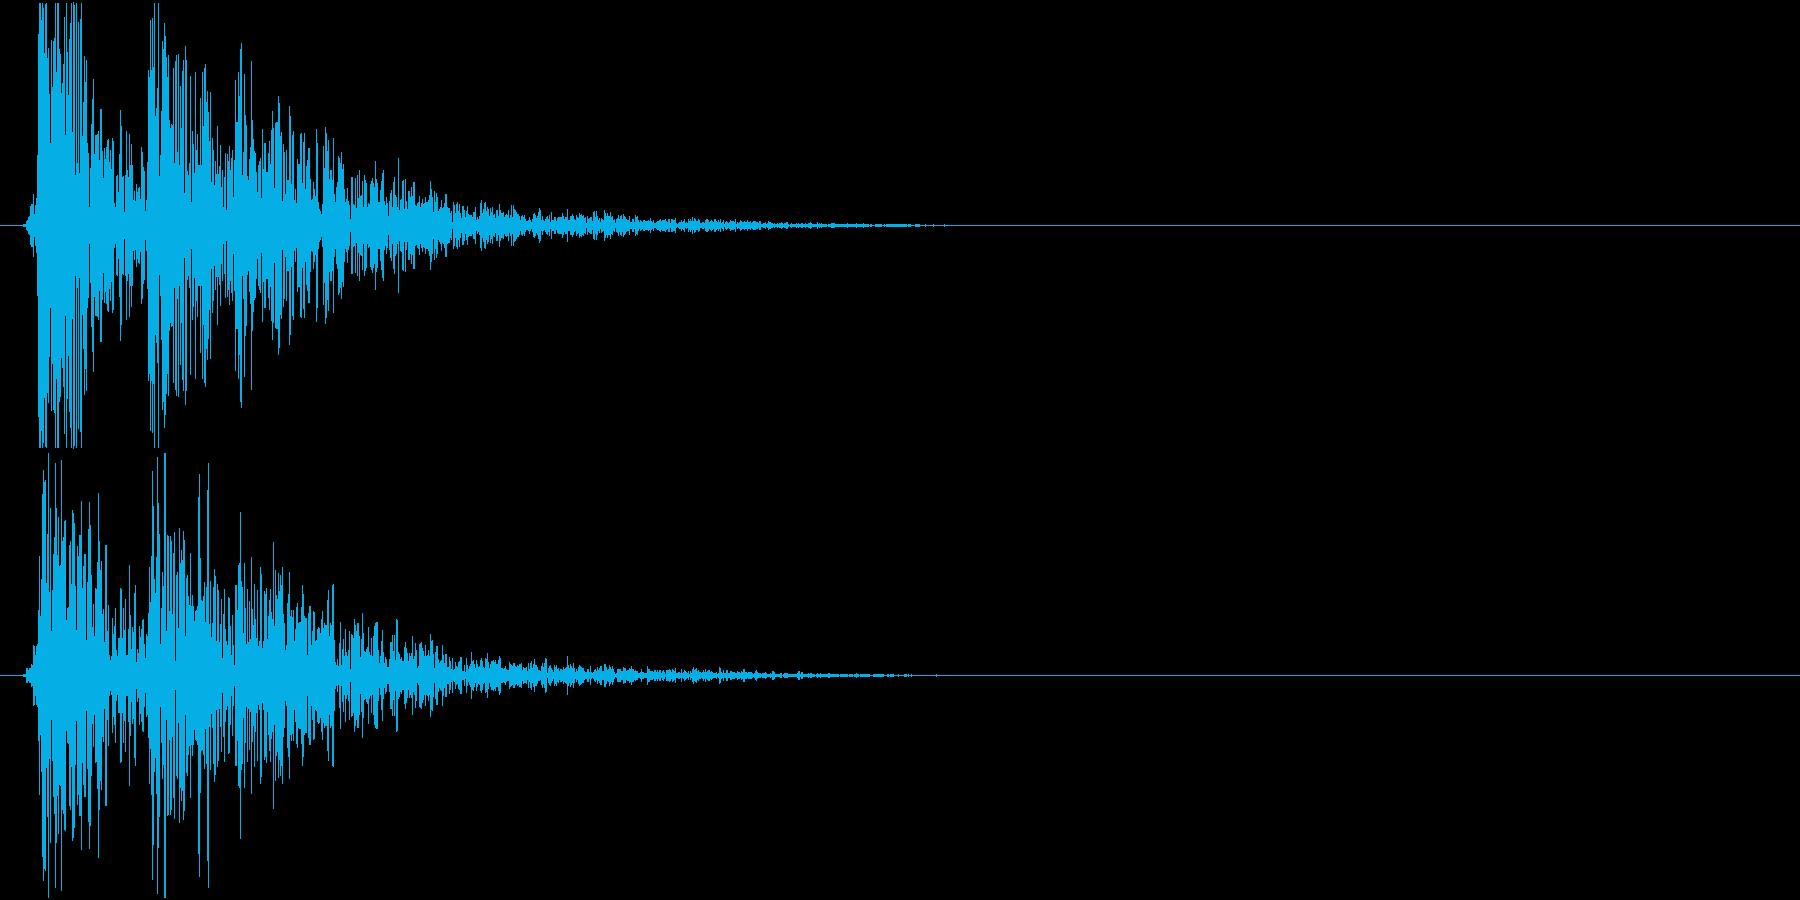 コンコロコロン・・・(物を落とした音)の再生済みの波形